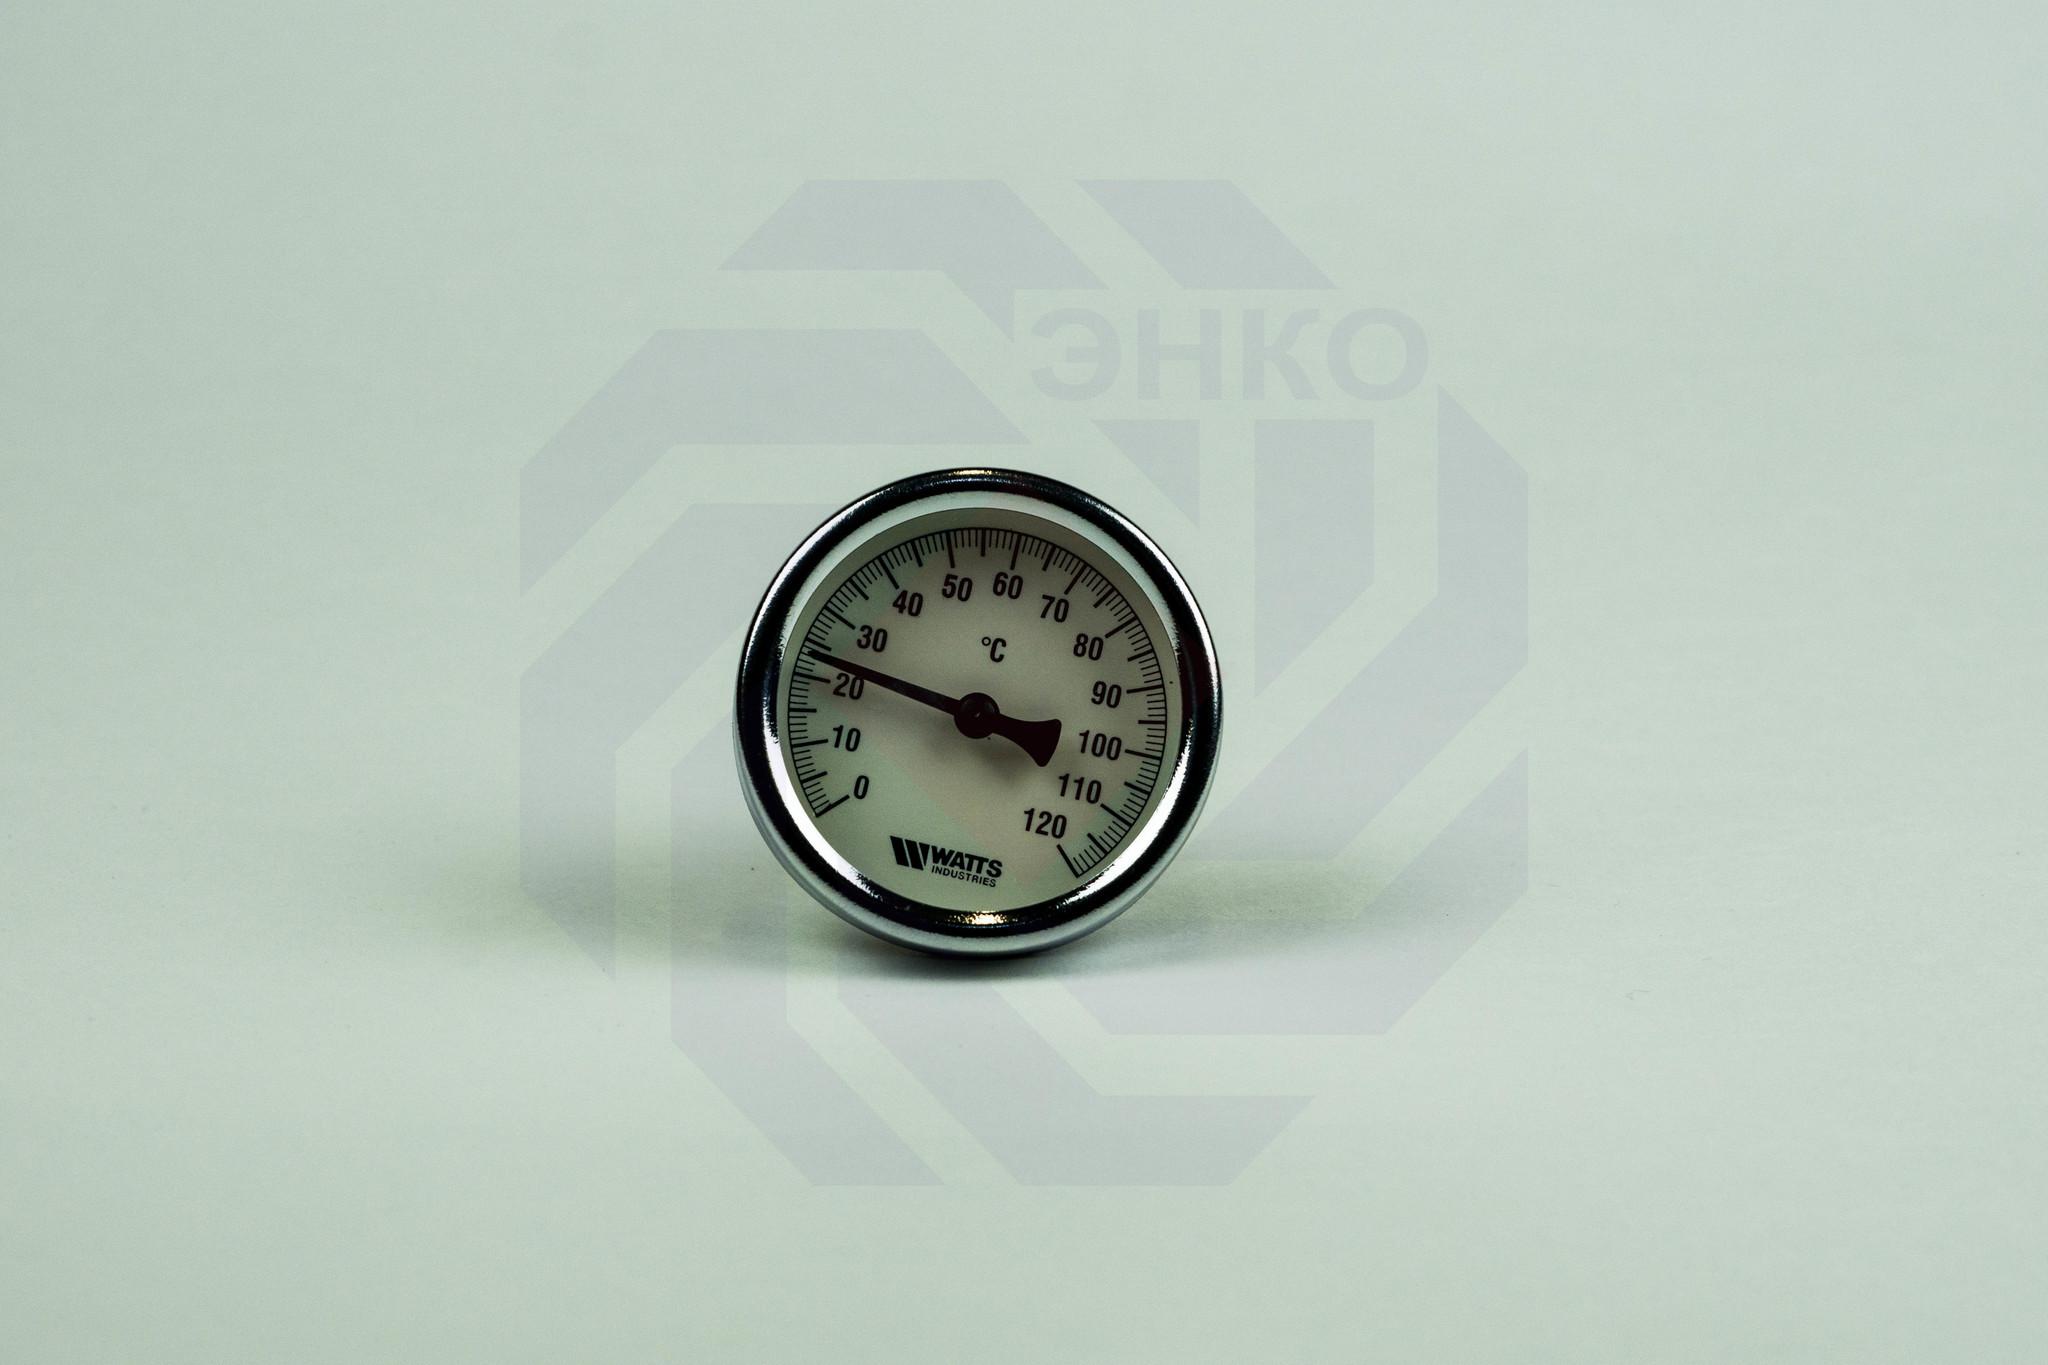 Термометр биметаллический аксиальный WATTS F+R801 SD 0-120 °С 63 мм ½